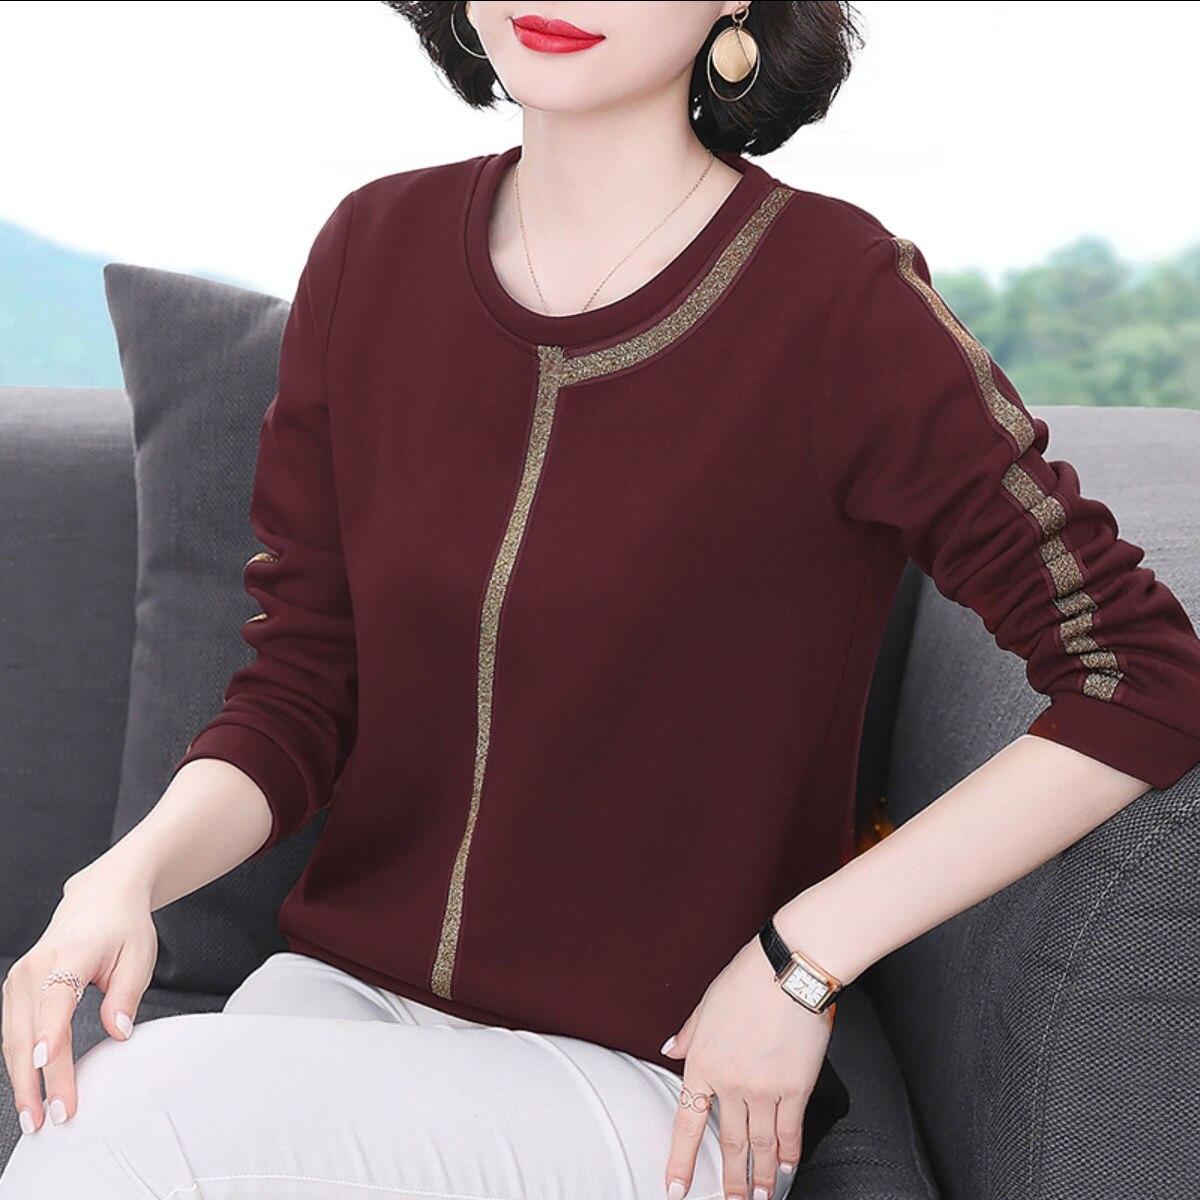 Осенне-зимний женский теплый пуловер, большого размера, большого размера, Свободный пуловер большого размера, женское базовое пальто